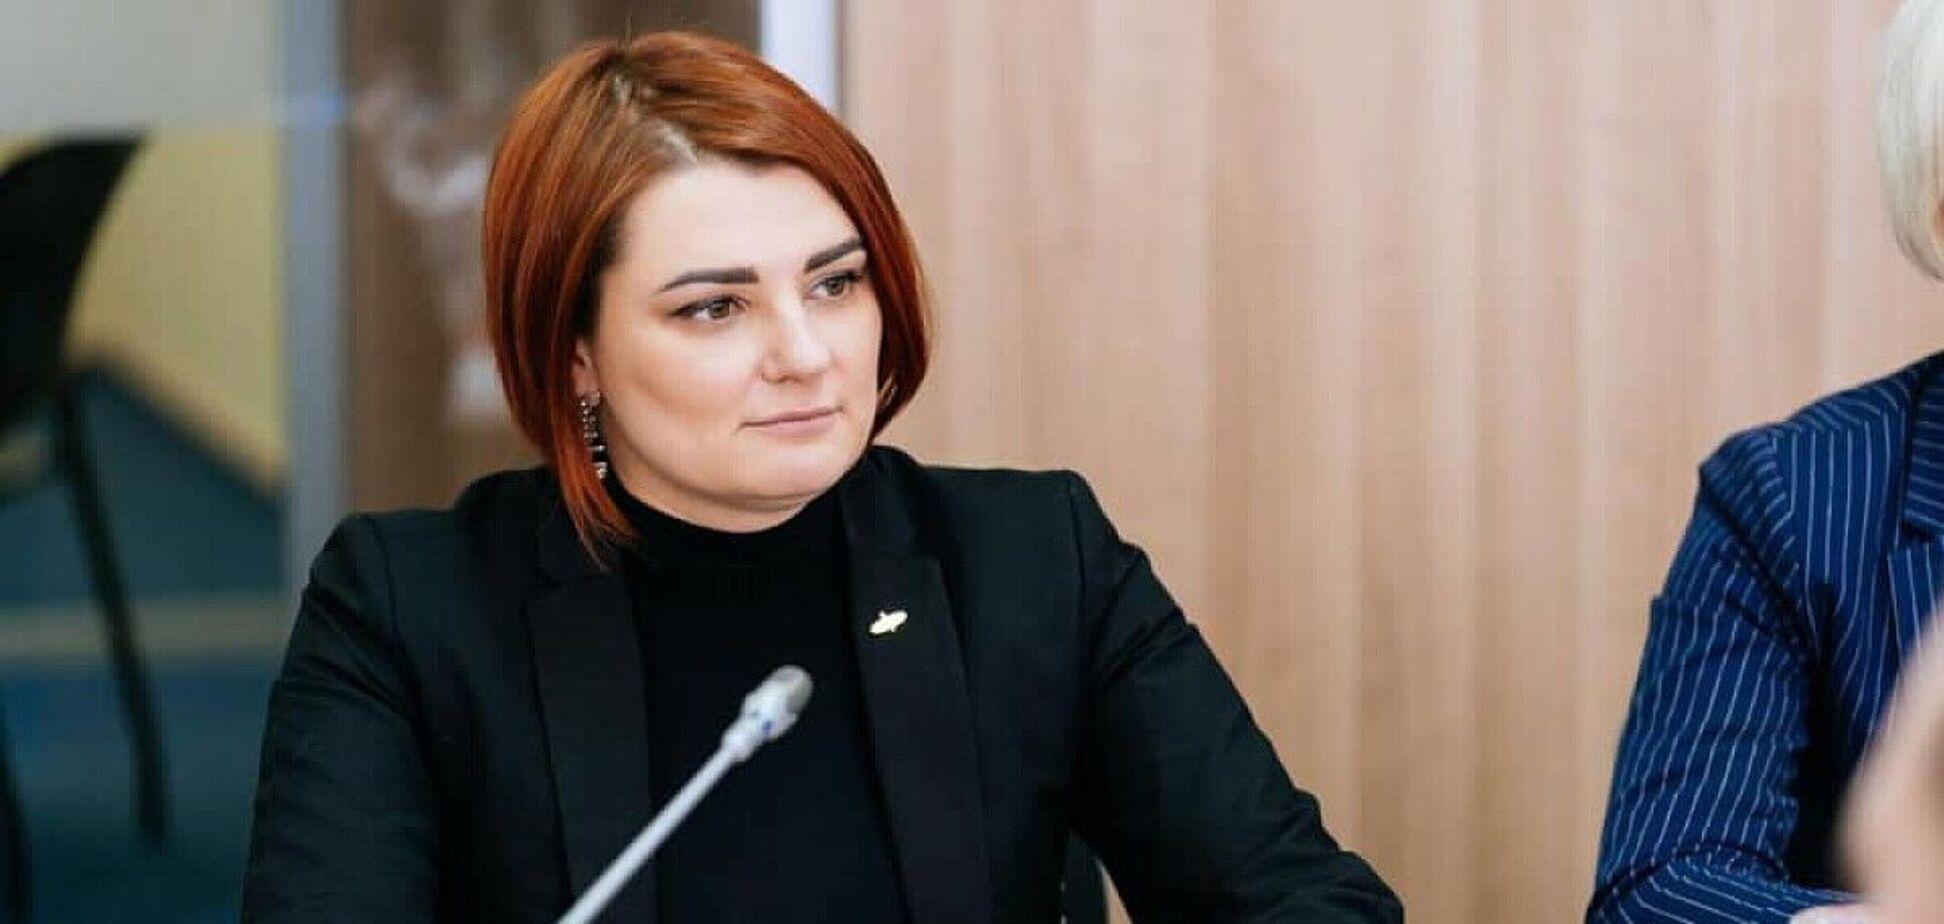 Буймистер предлагает снизить тарифы благодаря внедрению стимулирующего тарифообразования. Фото: thepage.ua